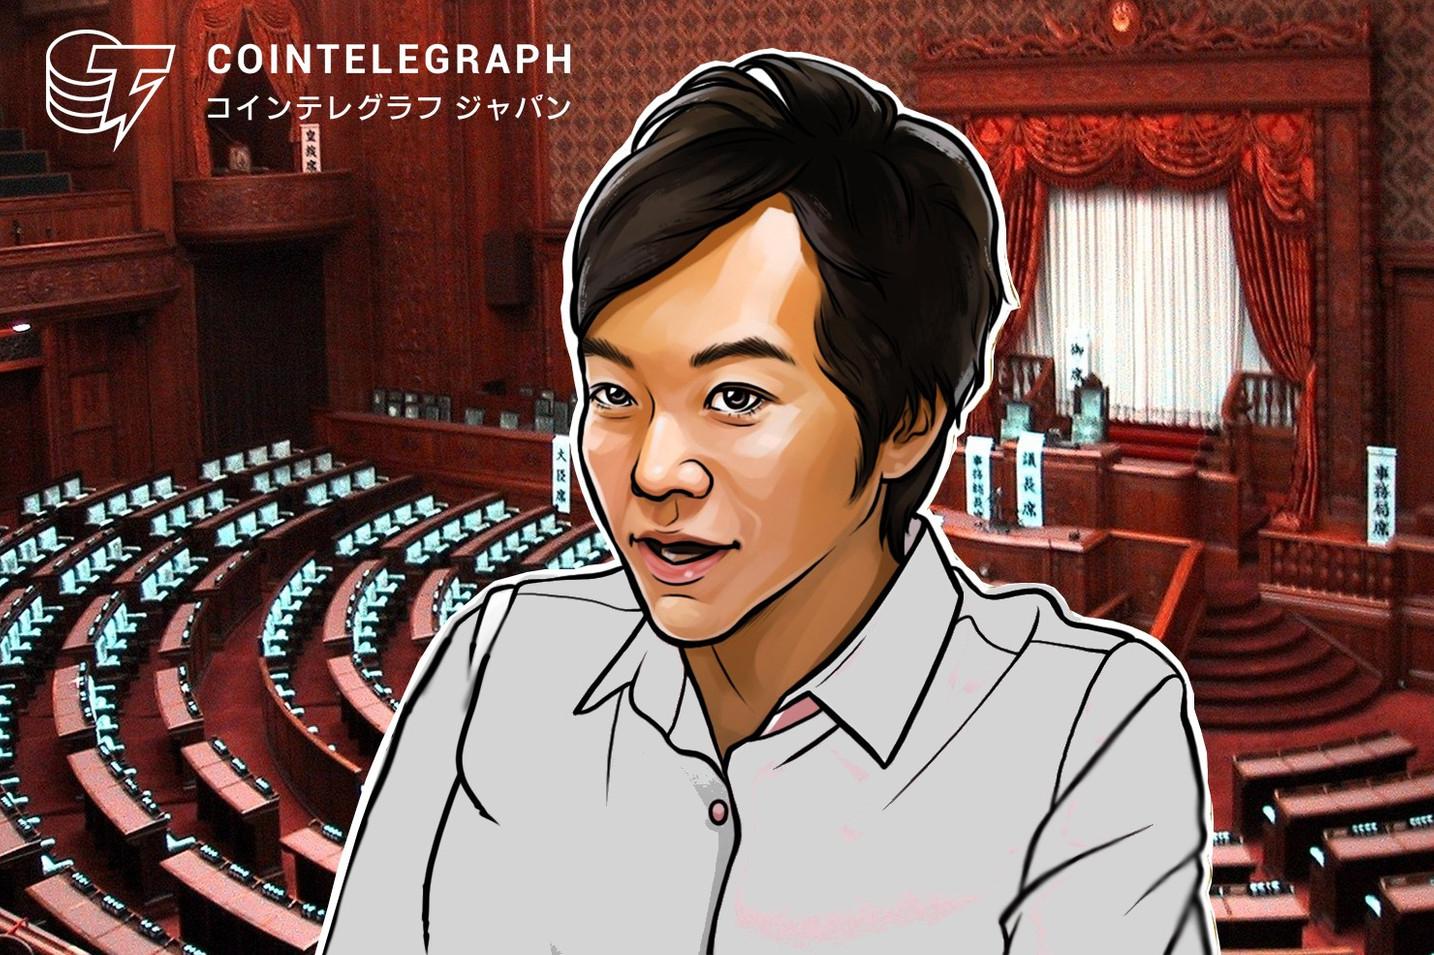 音喜多議員が政治コミュニティアプリで仮想通貨行政プロジェクトを立ち上げ【ニュース】